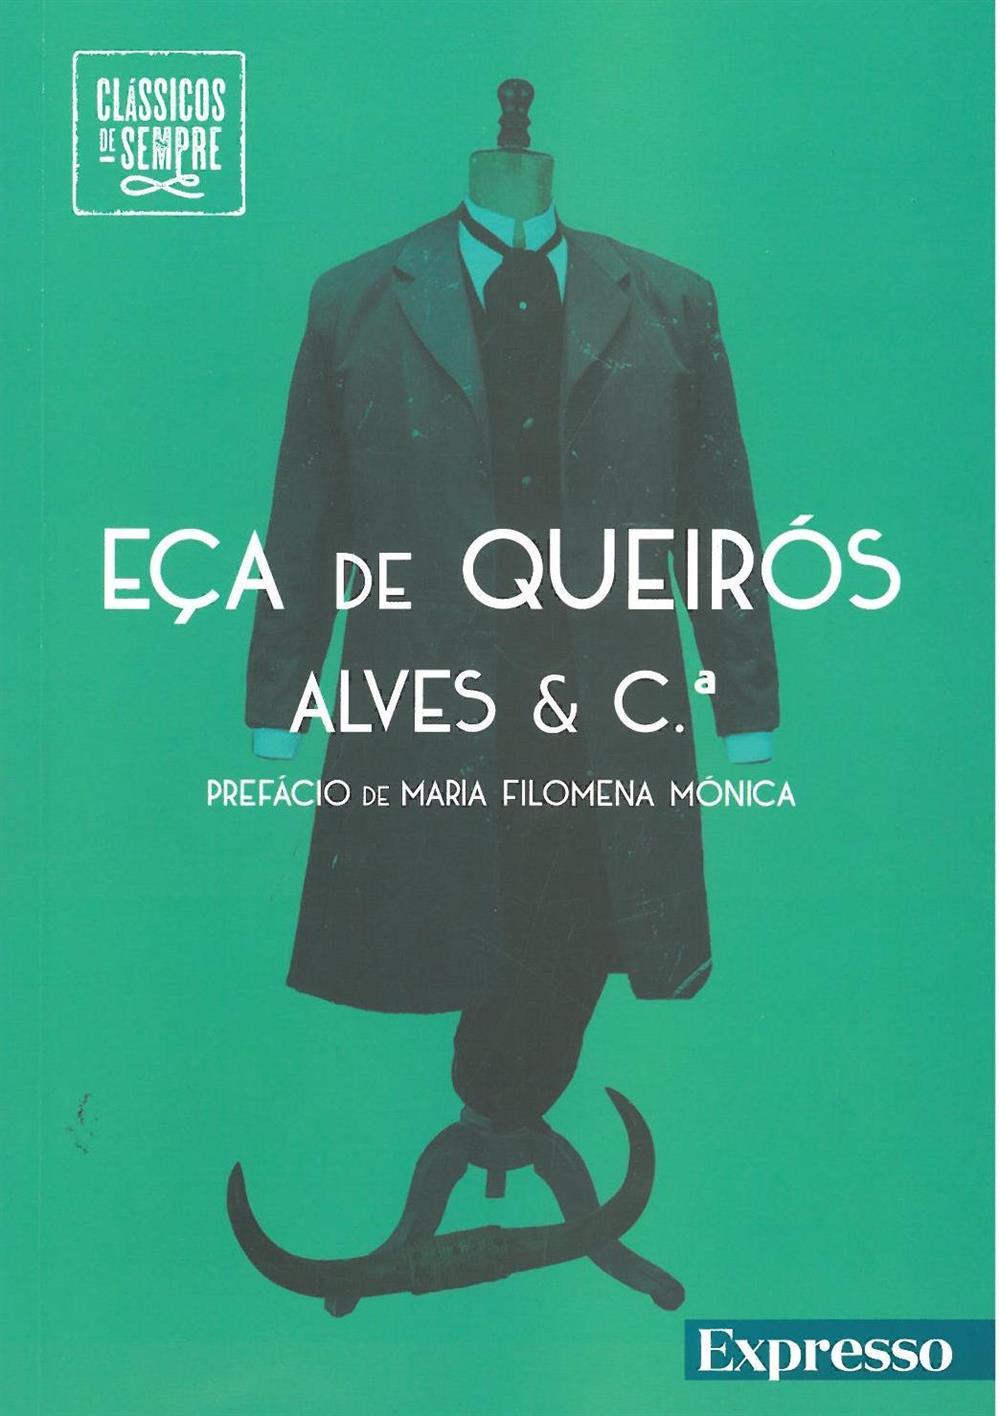 Alves & C.ª_.jpg